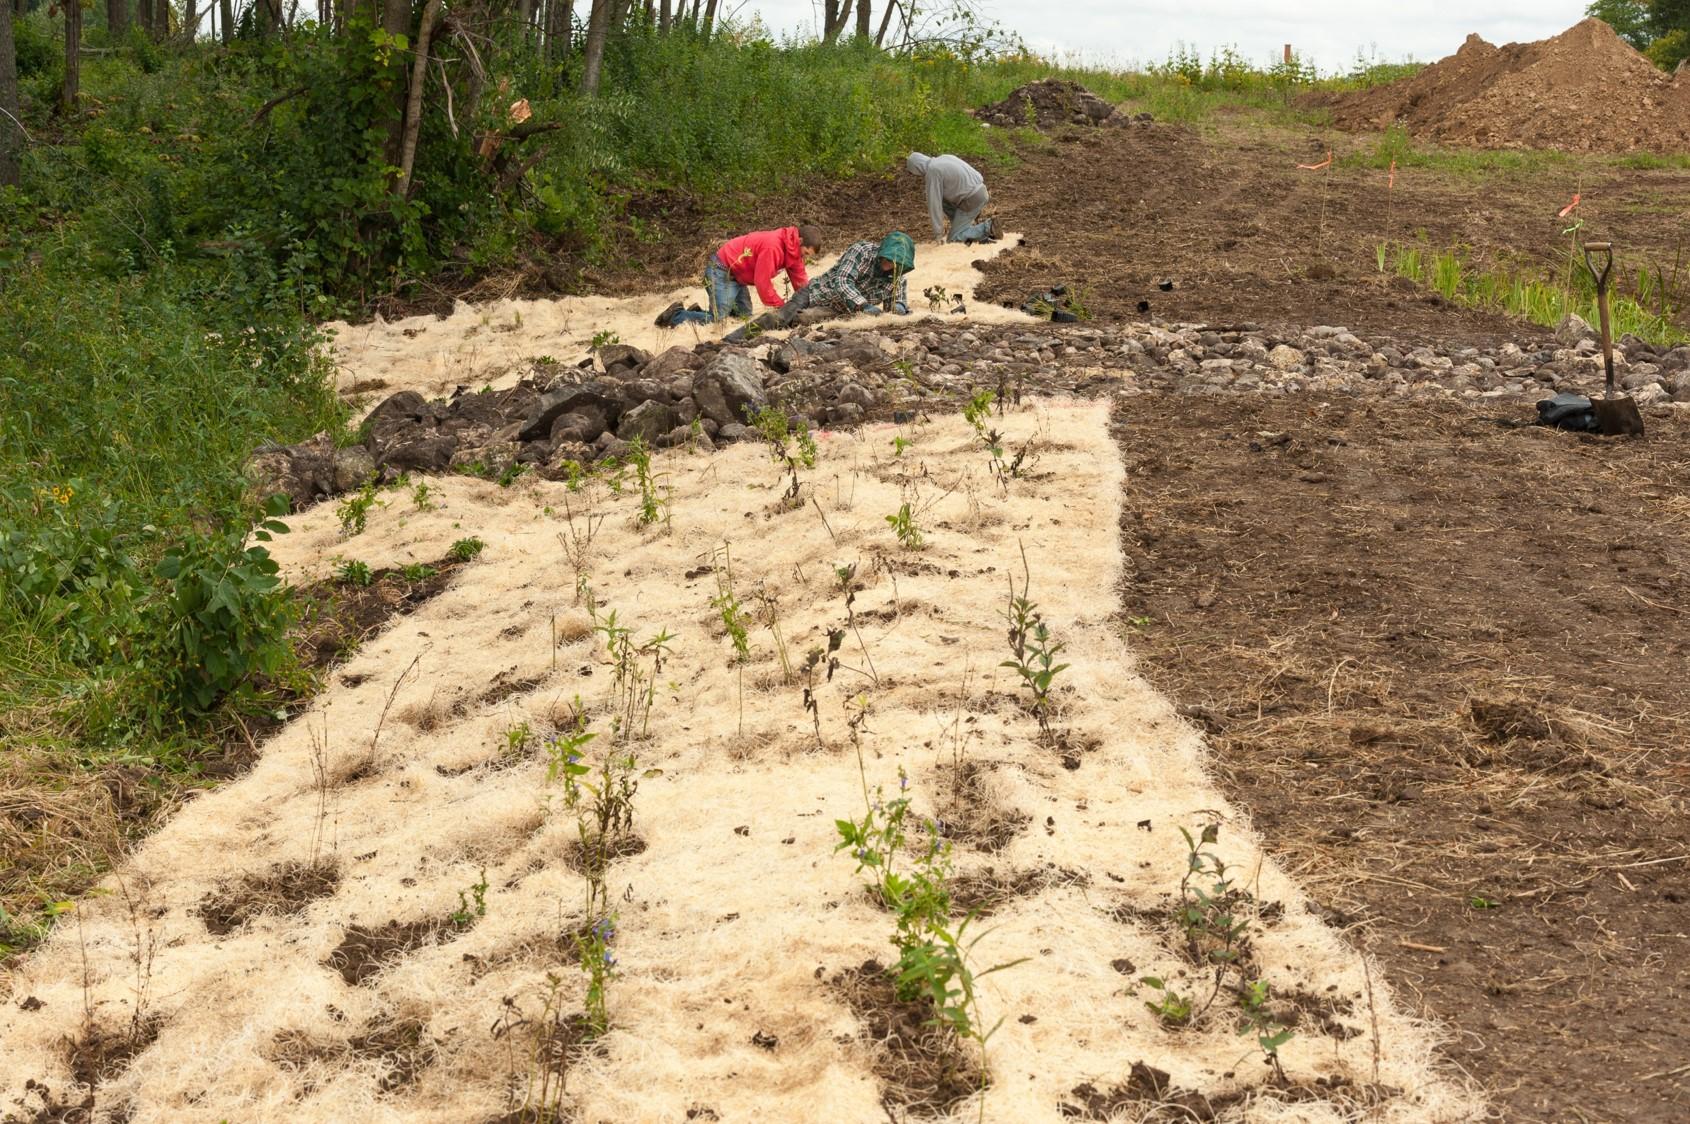 Replanting native vegetative cover